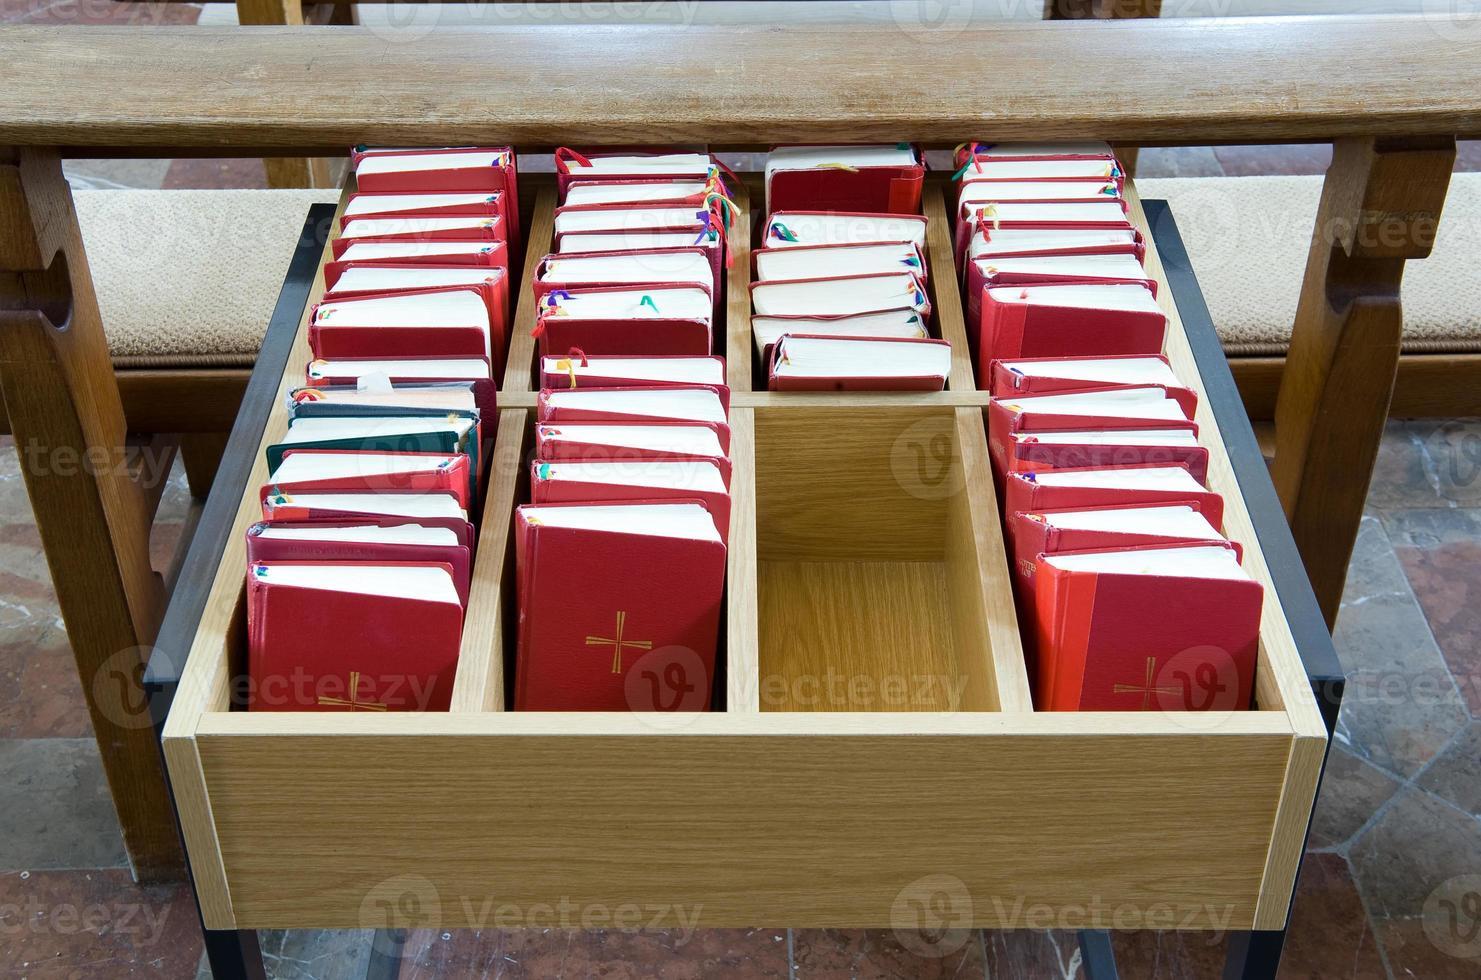 bijbels in de kerk foto